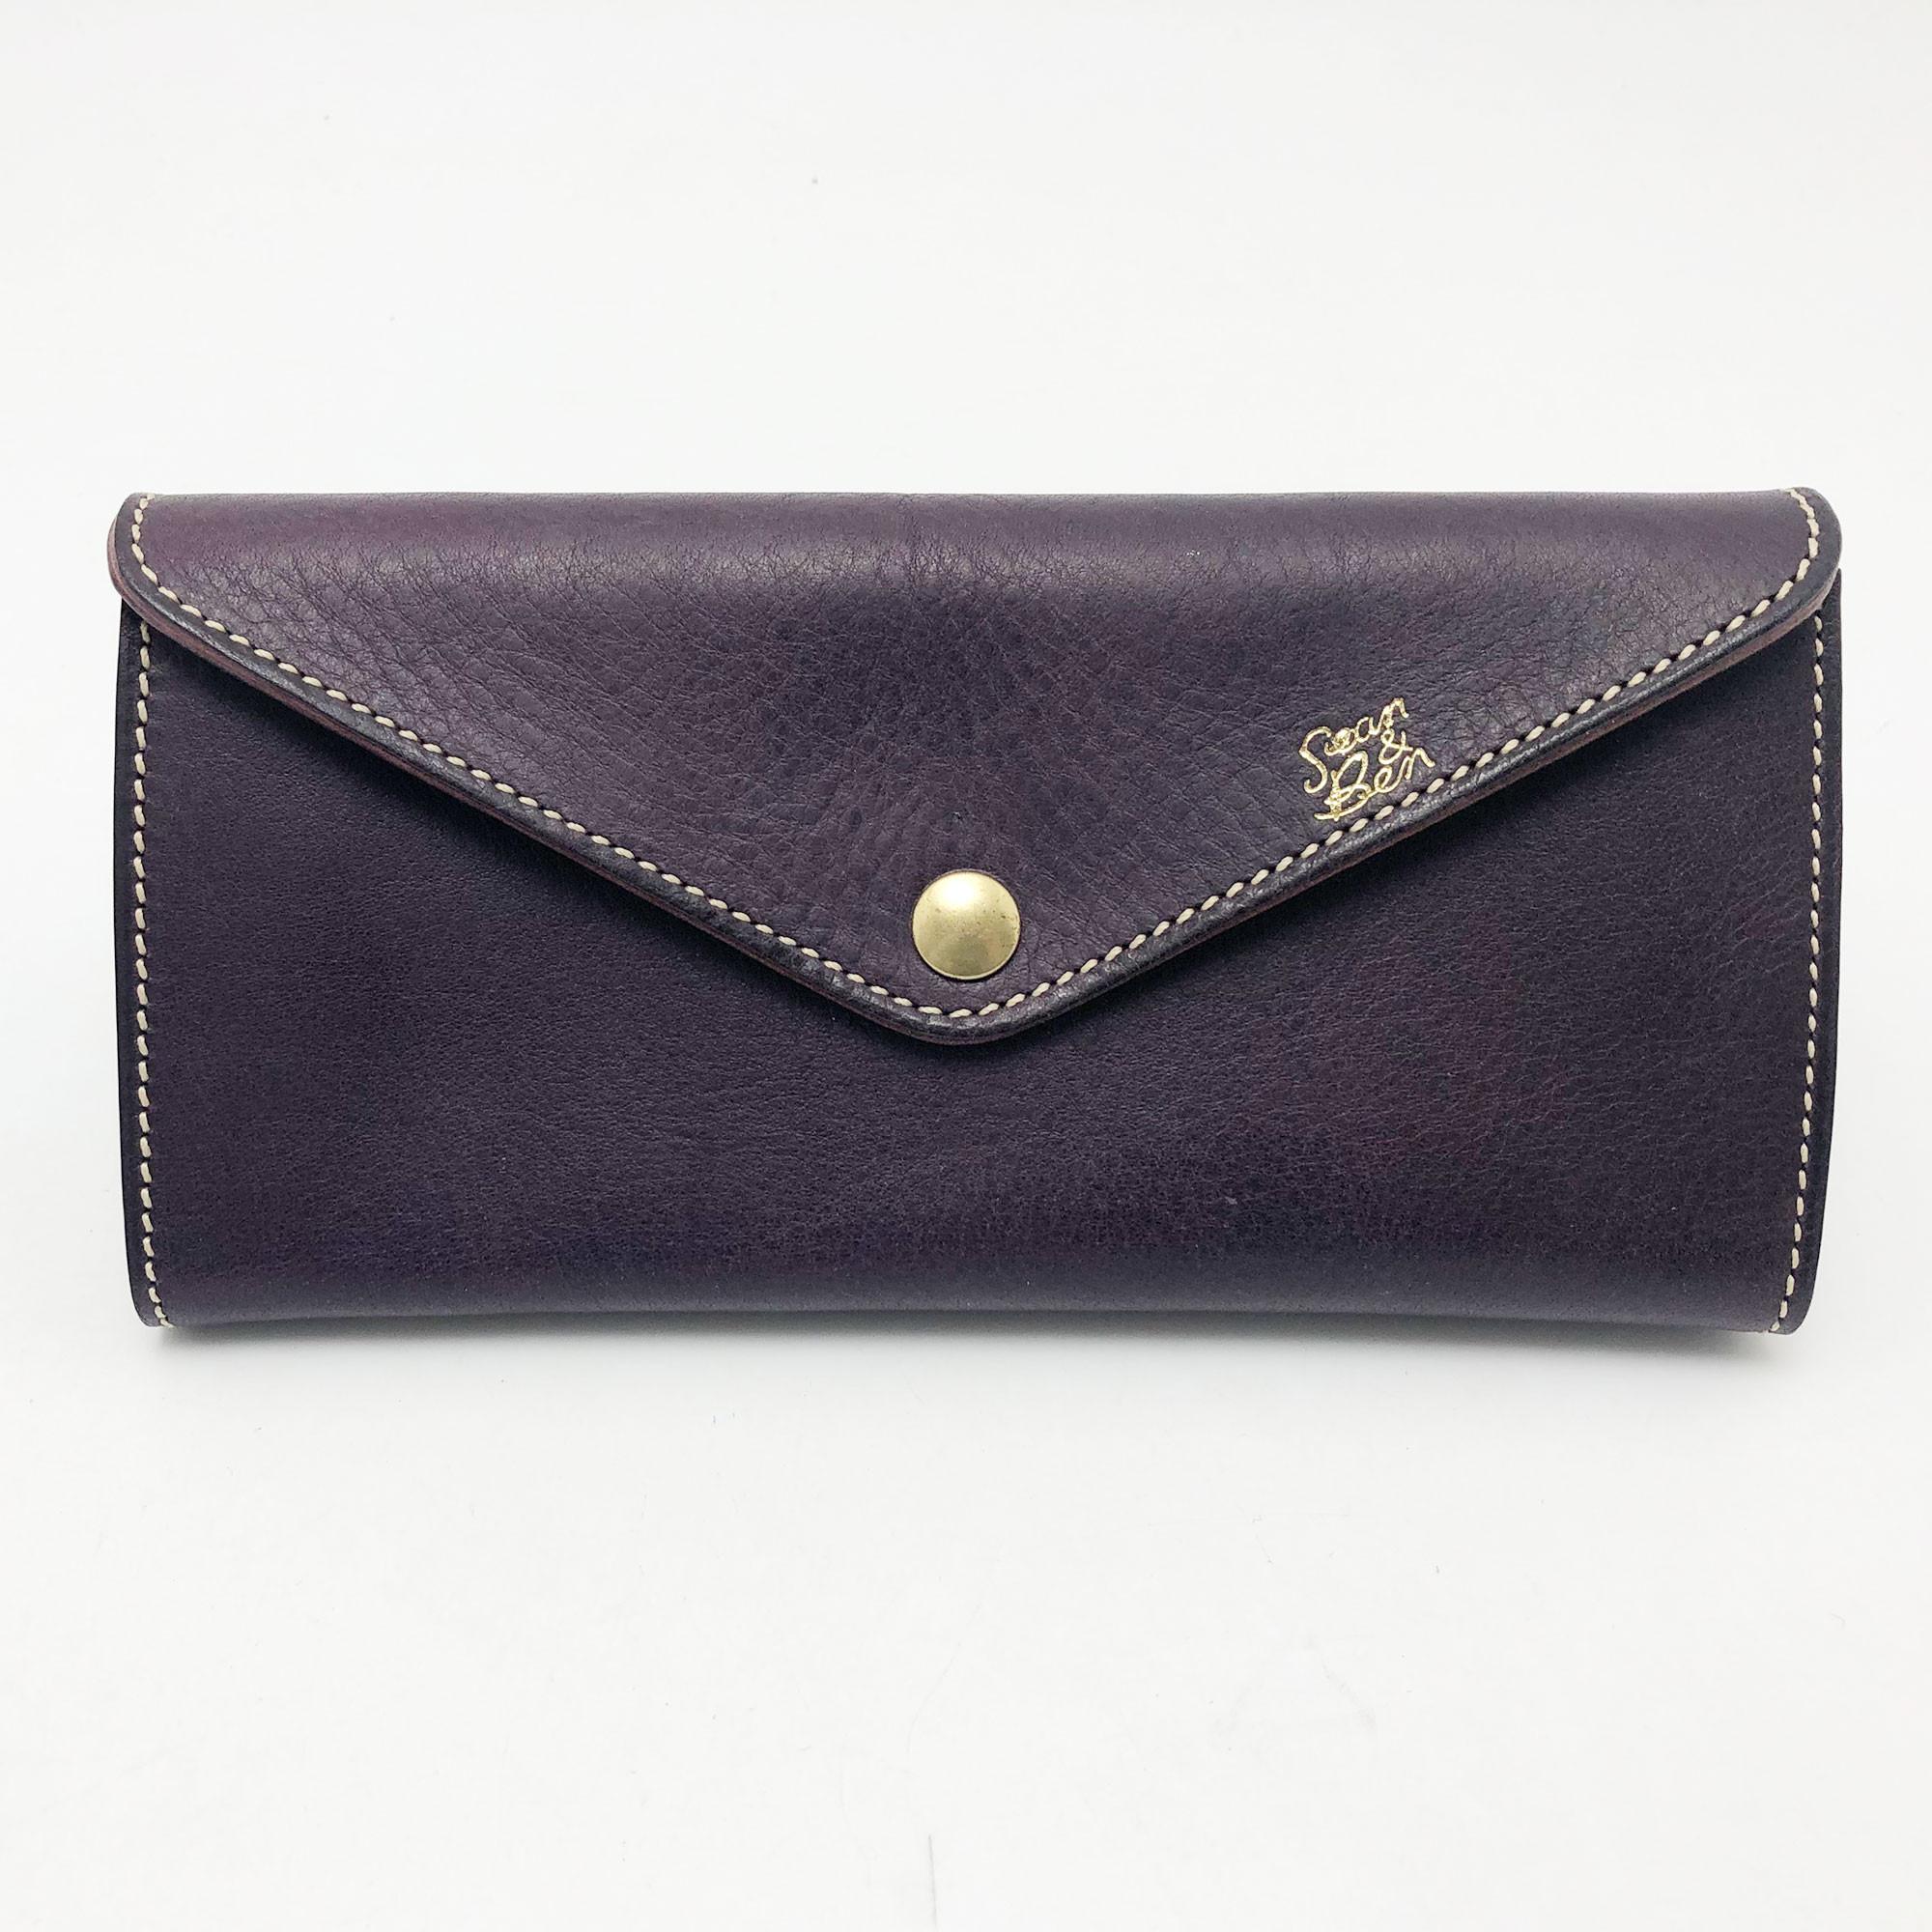 バッグ要らずの収納スペース。 これ一つで出かけられる クラッチバッグのような財布です。